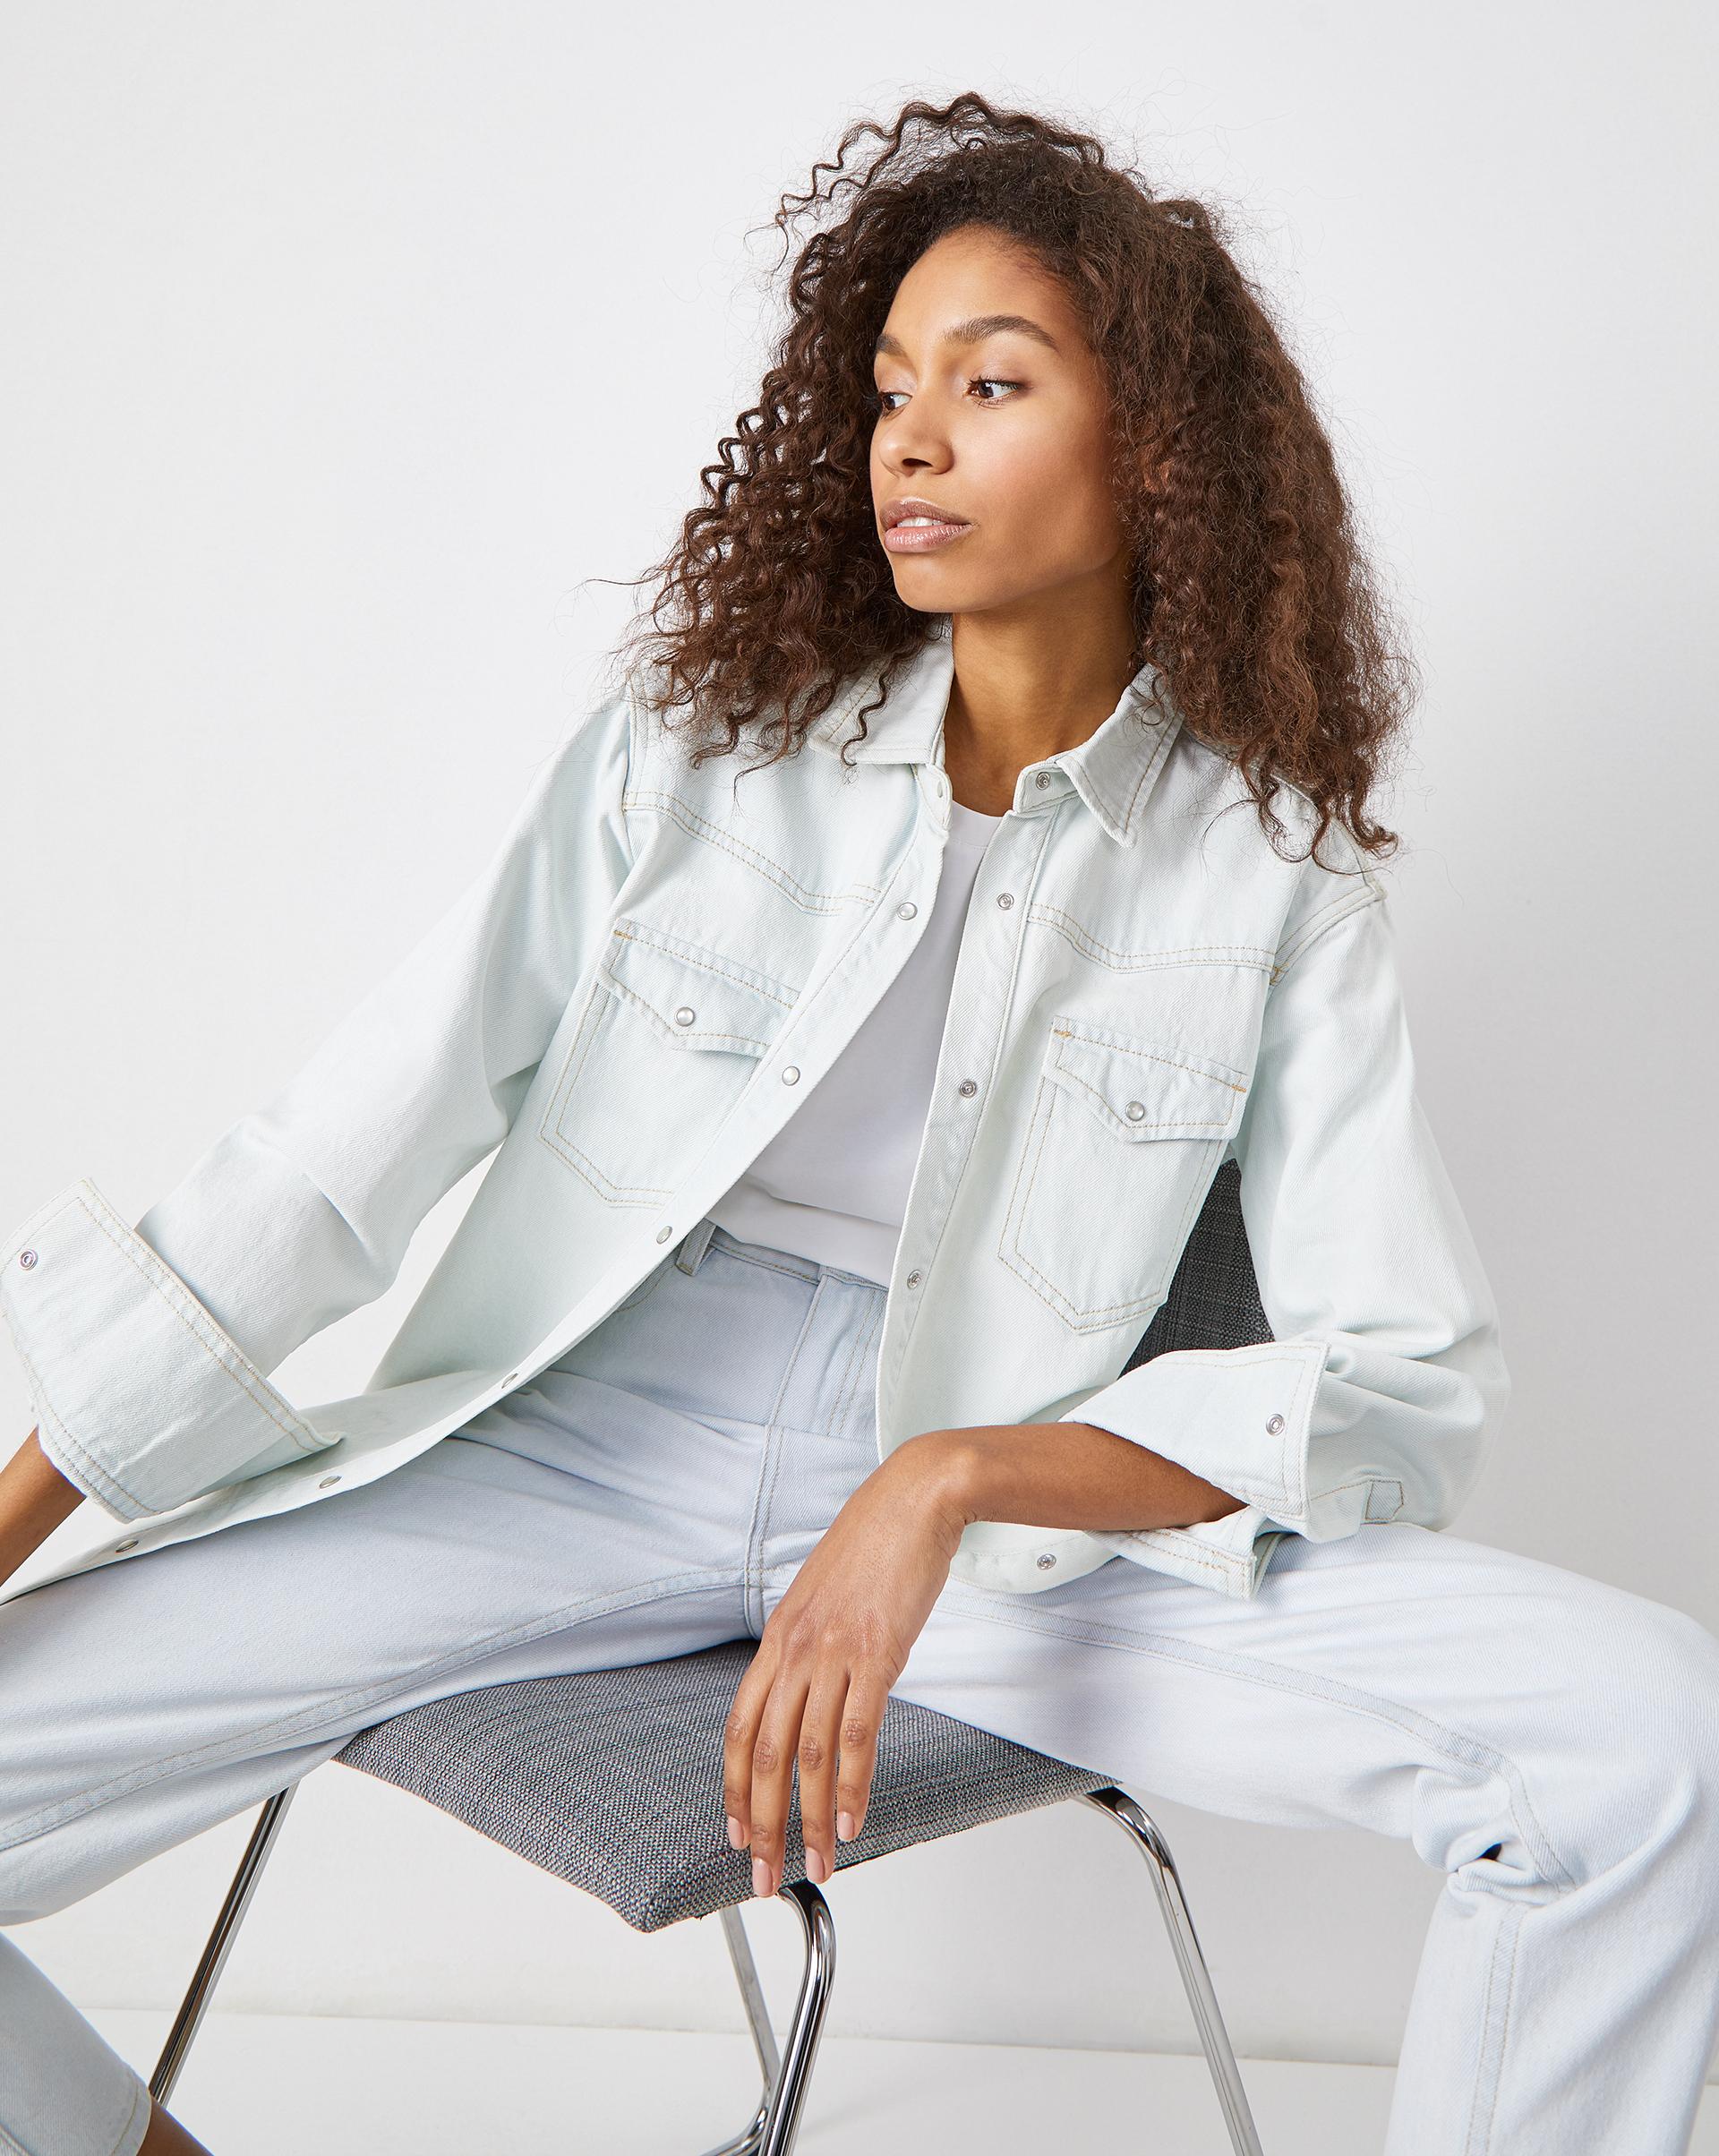 Фото - 12⠀STOREEZ Джинсовая рубашка pierre darré джинсовая рубашка